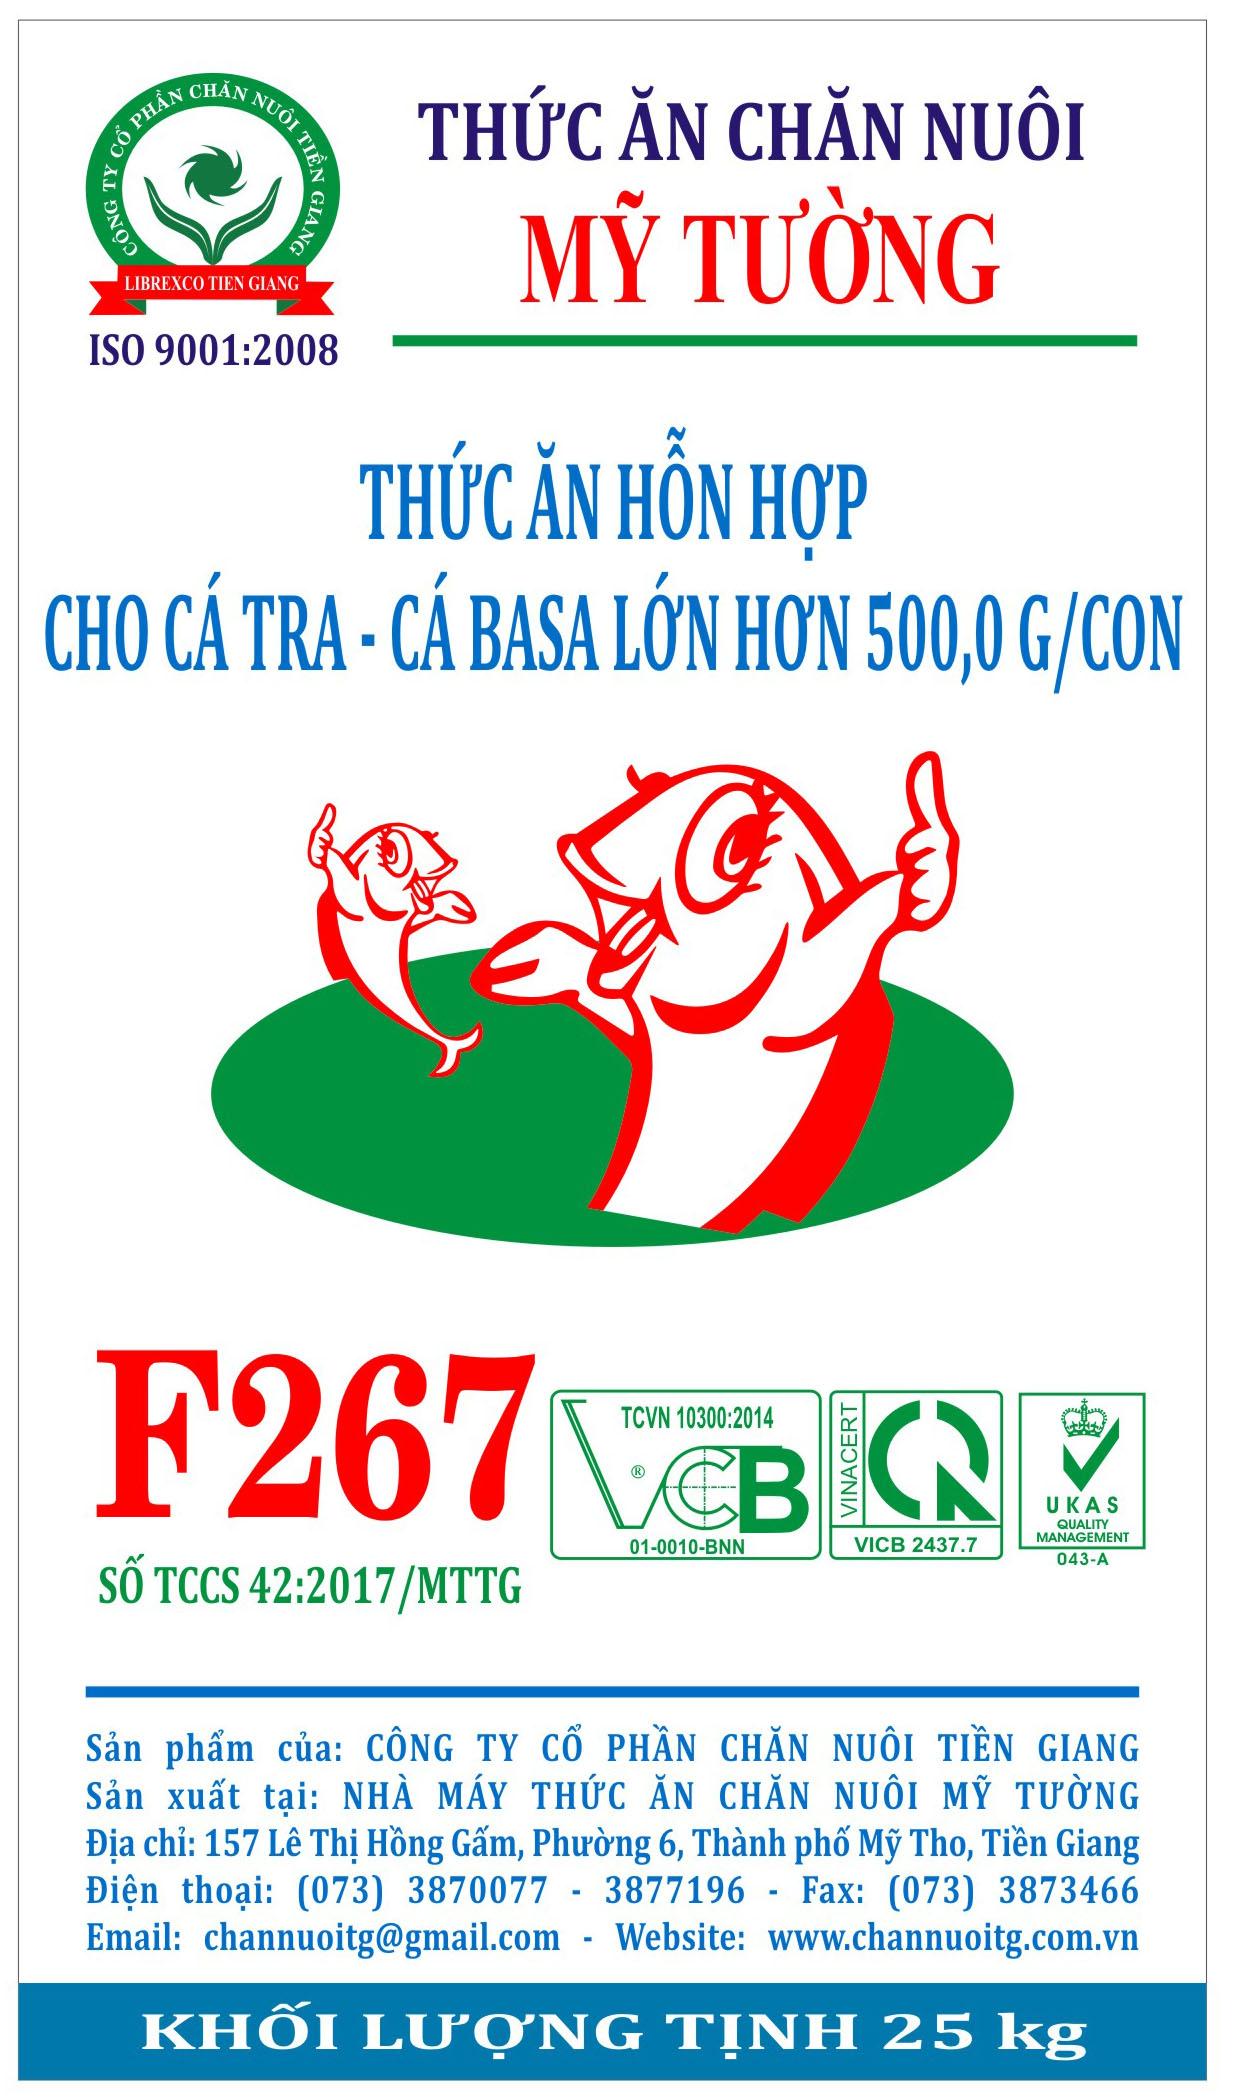 Thức ăn hỗn hợp cho cá tra - cá basa lớn hơn 500,0 G/con (F267)